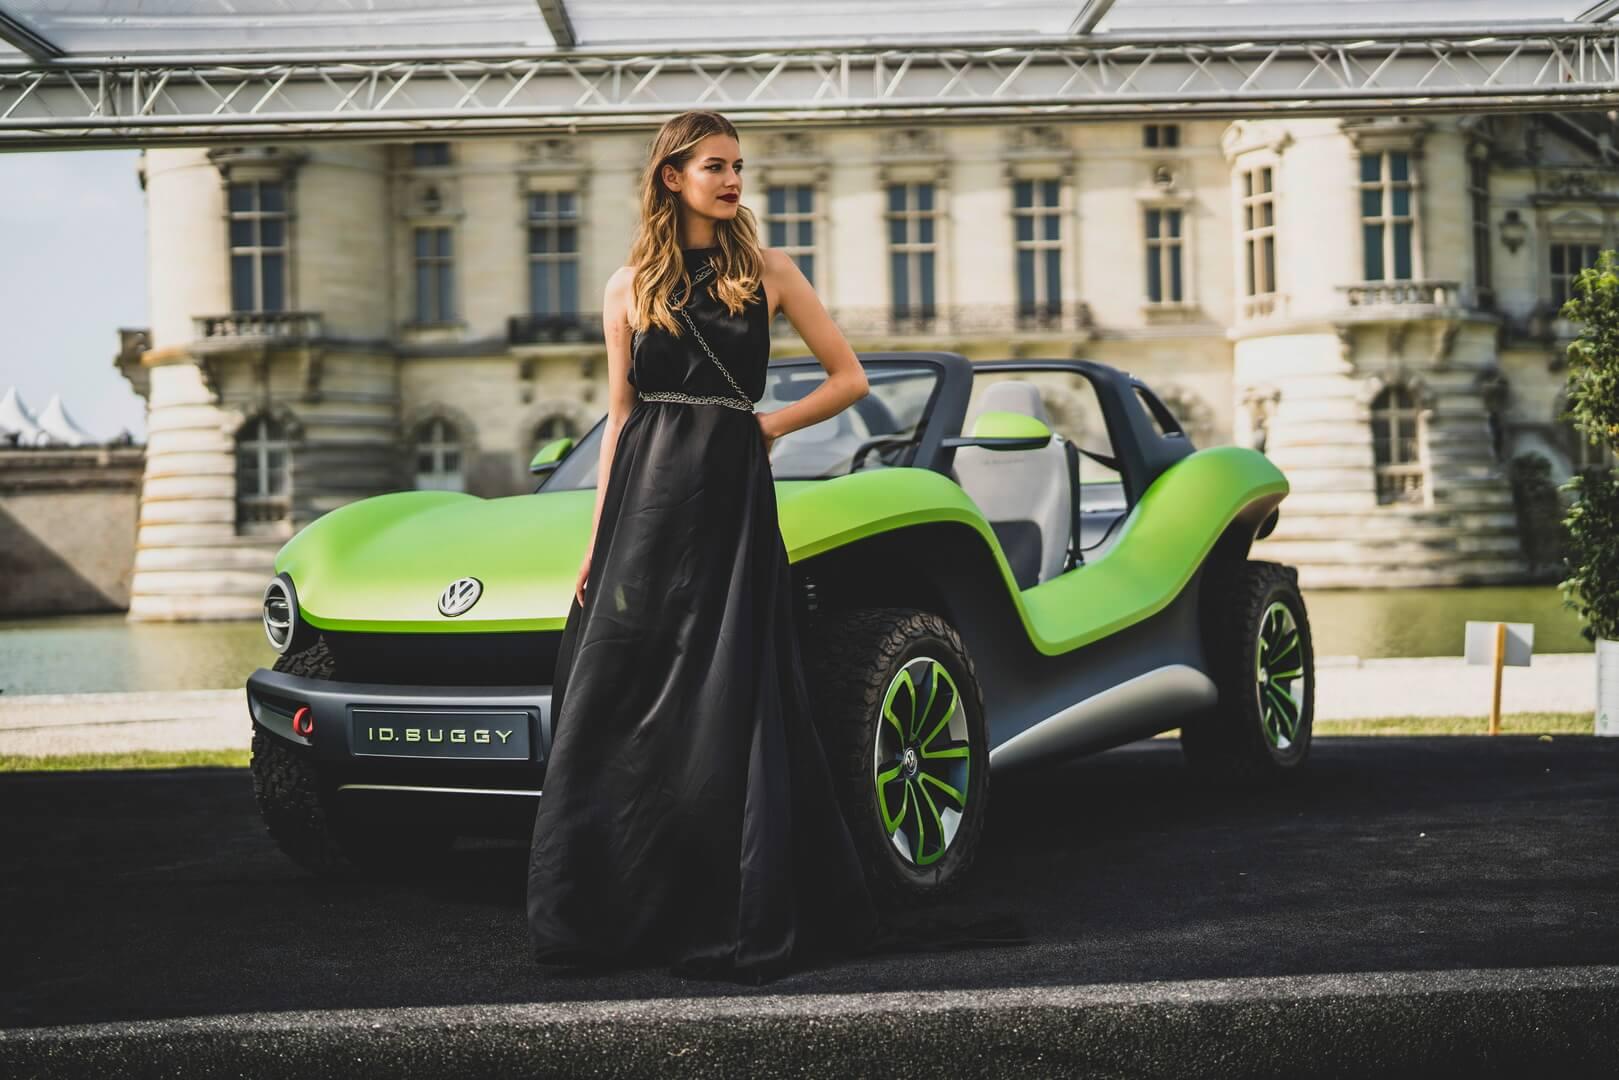 Volkswagen ID. Buggy получил зрительские симпатии наConcours d'Elegance